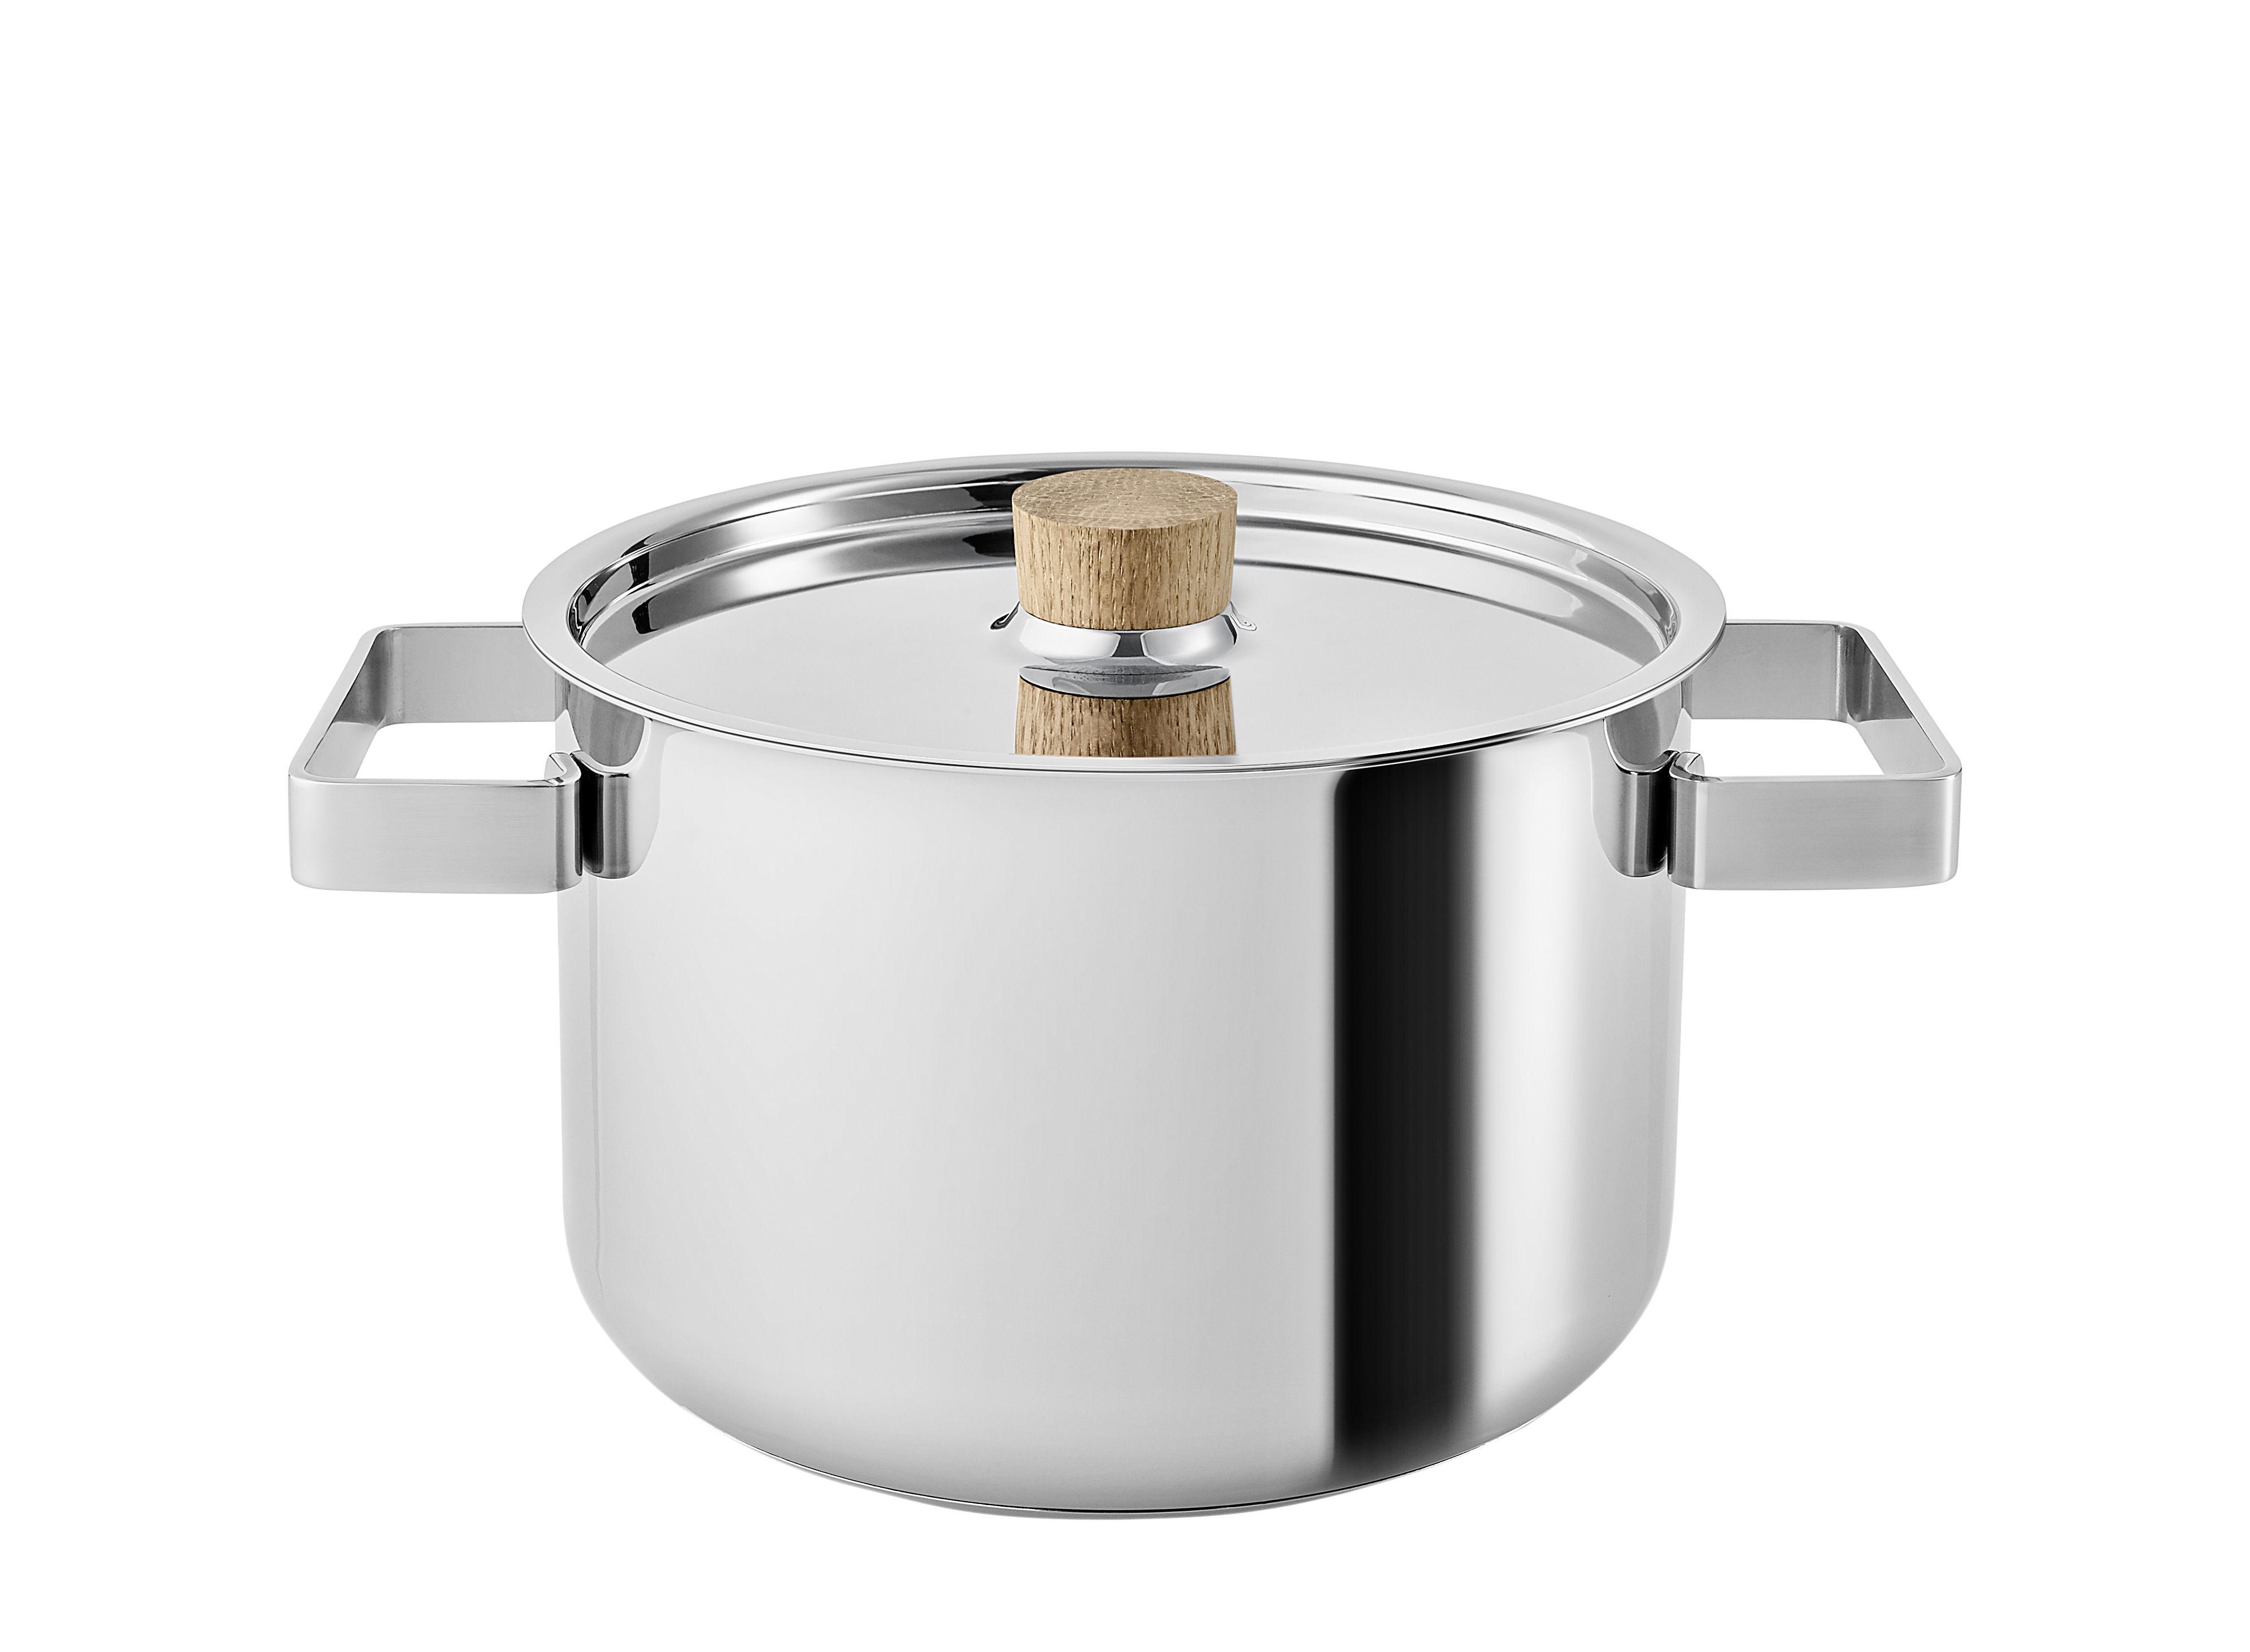 Cuisine - Casseroles, poêles, plats... - Faitout Nordic Kitchen / 3 L - Avec couvercle - Eva Solo - Inox / Chêne - Acier inoxydable, Chêne